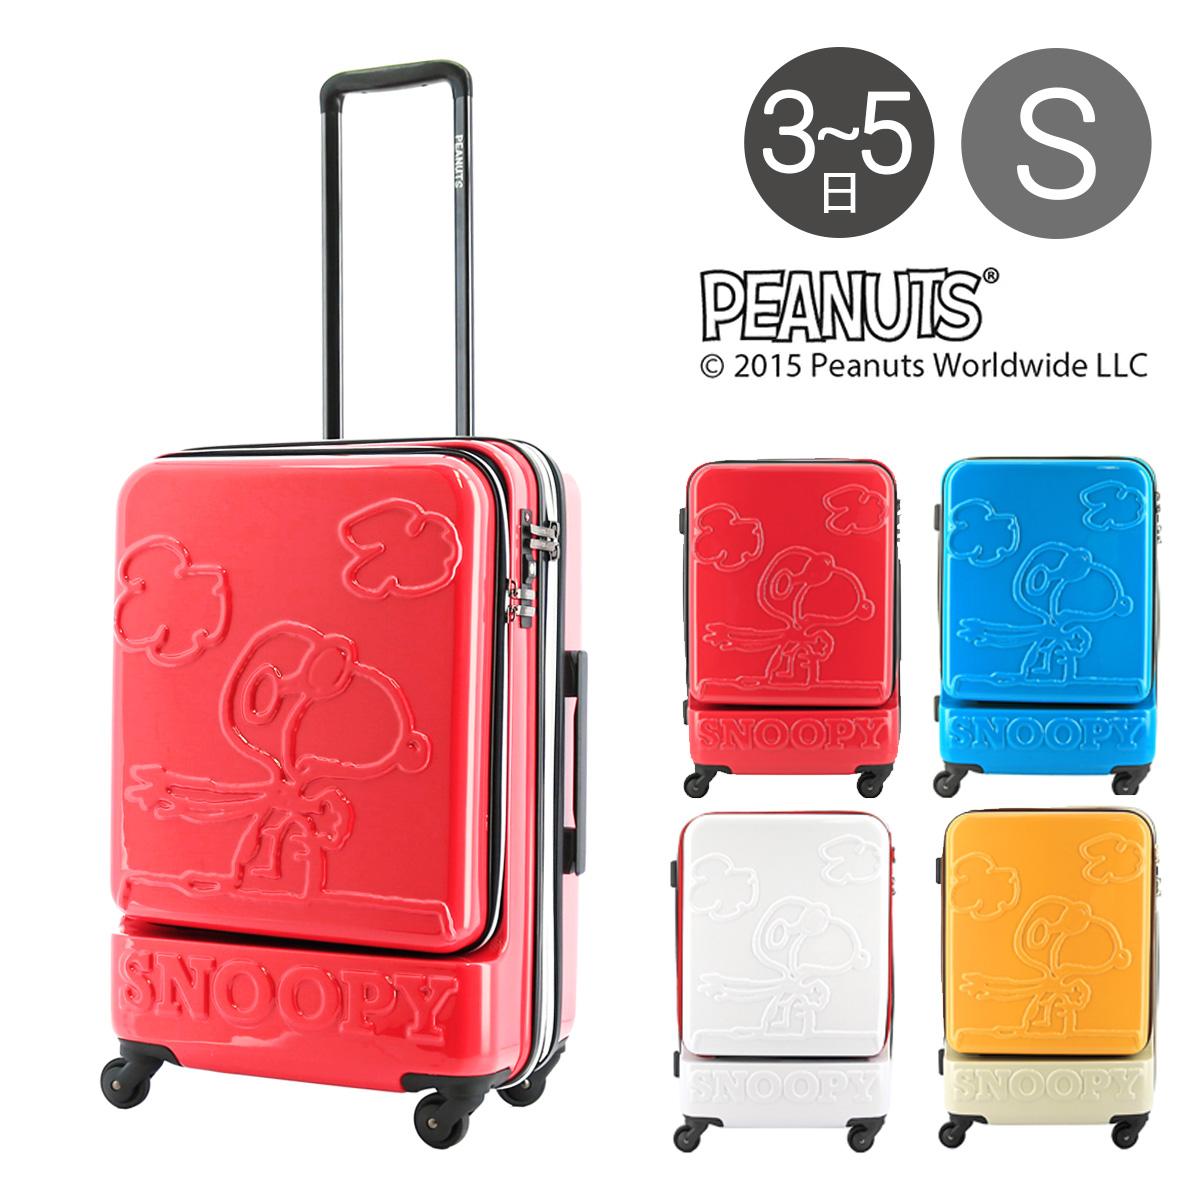 ピーナッツ 4.3kg スーツケース 47L 55.5cm 4.3kg ハード フレーム 55.5cm レディース フレーム PN-015 PEANUTS | キャリーケース TSAロック搭載 拡張 フロントオープン[bef][即日発送][PO10], 清和村:74fe82da --- sunward.msk.ru